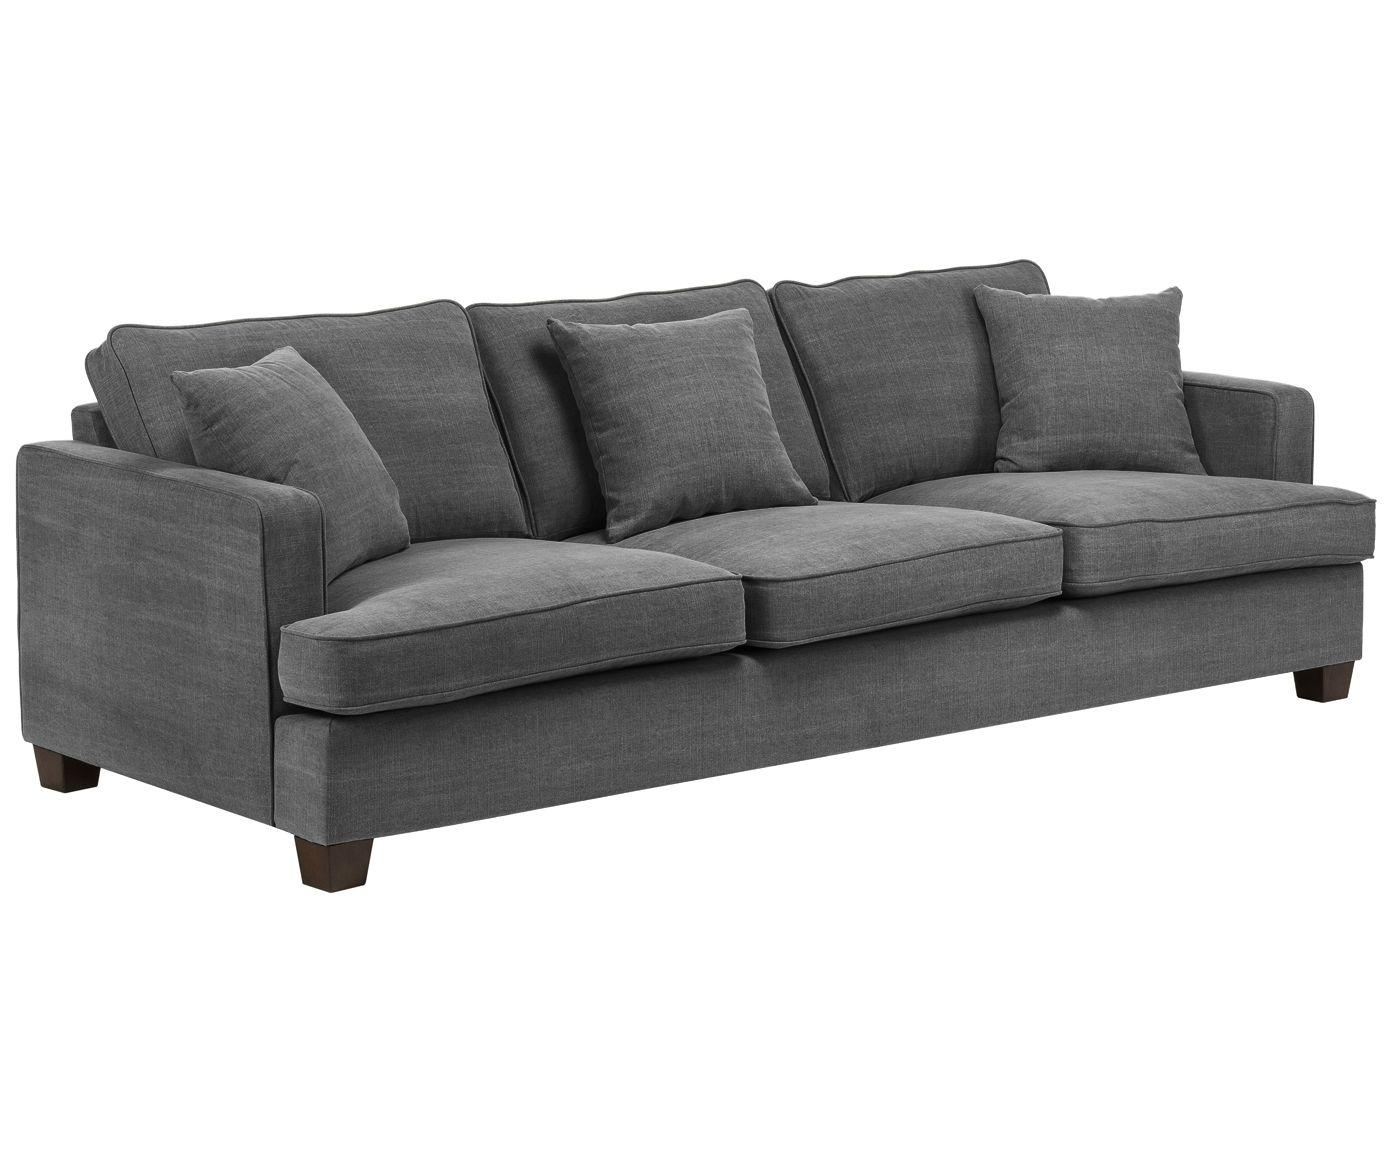 Polstermöbel Färben big sofa warren 4 sitzer xl sofa leinen und sofa